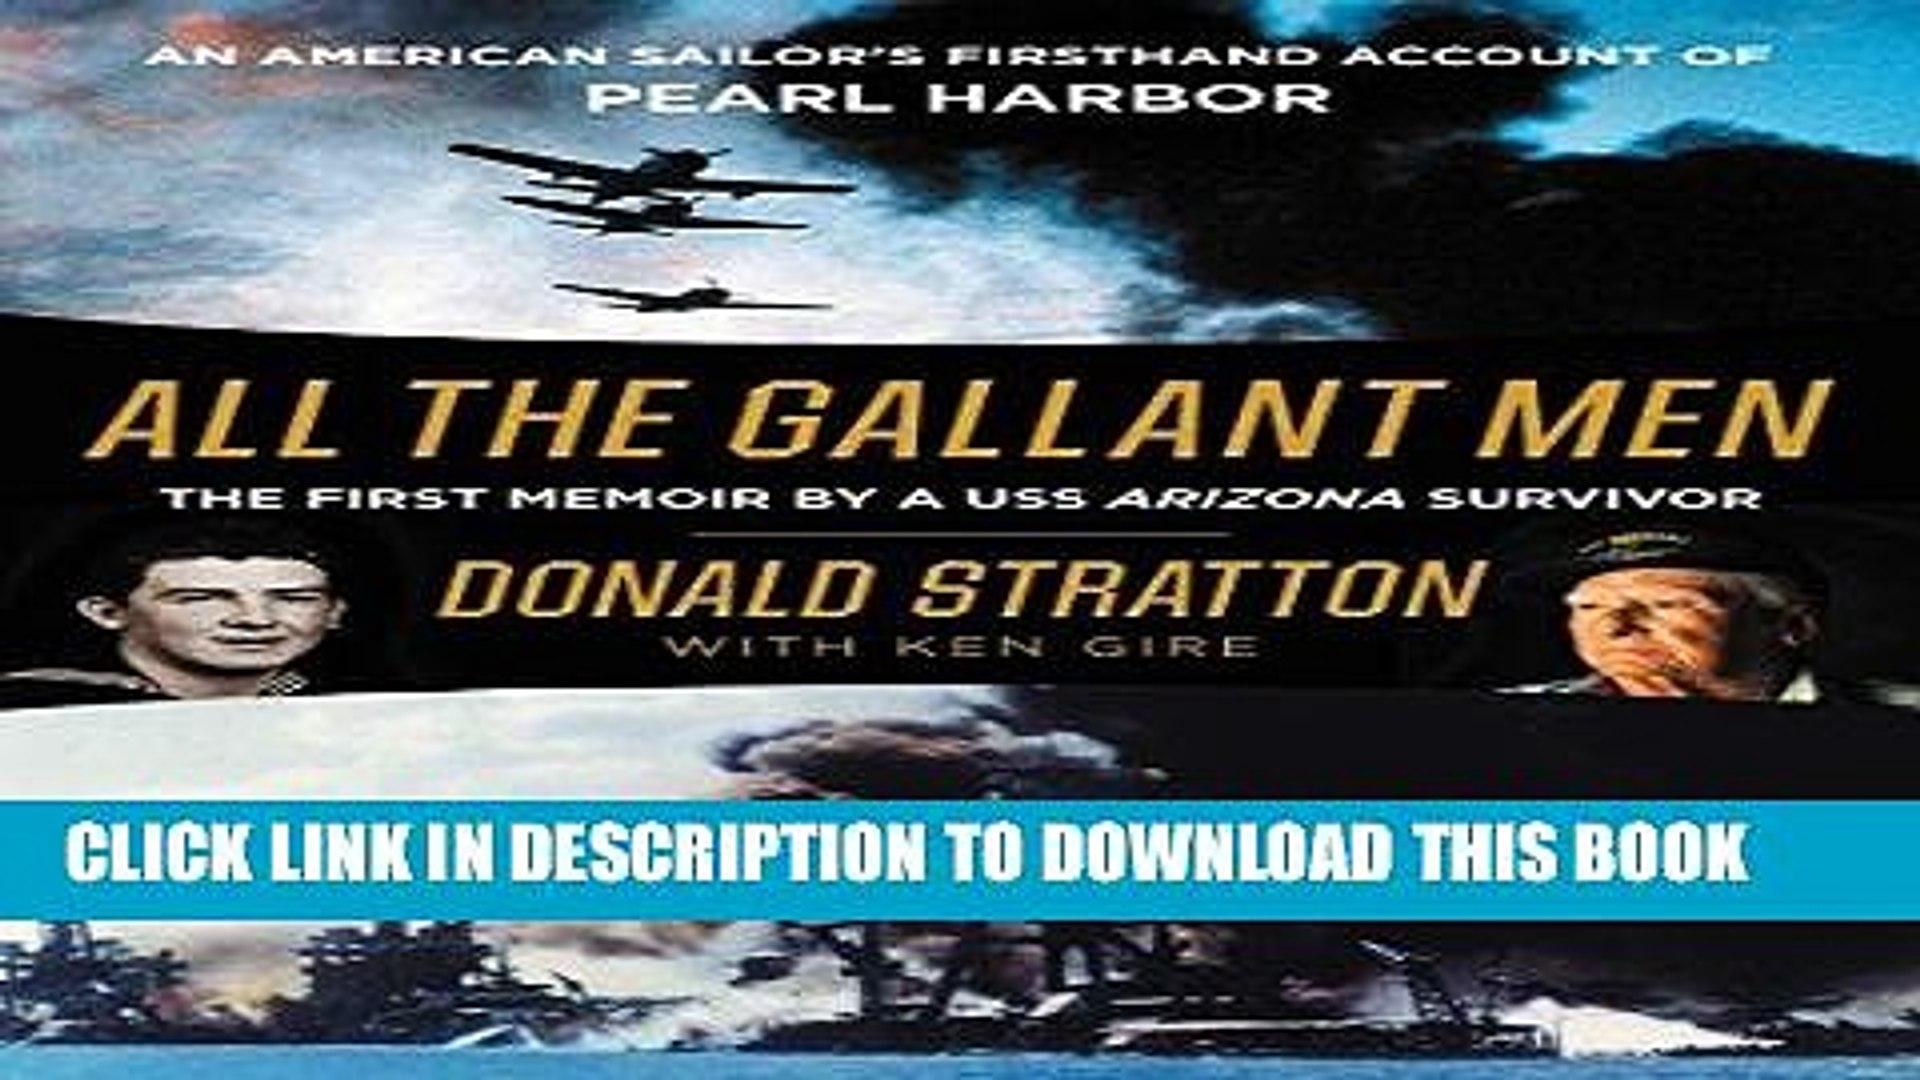 All the gallant men pdf free download windows 10